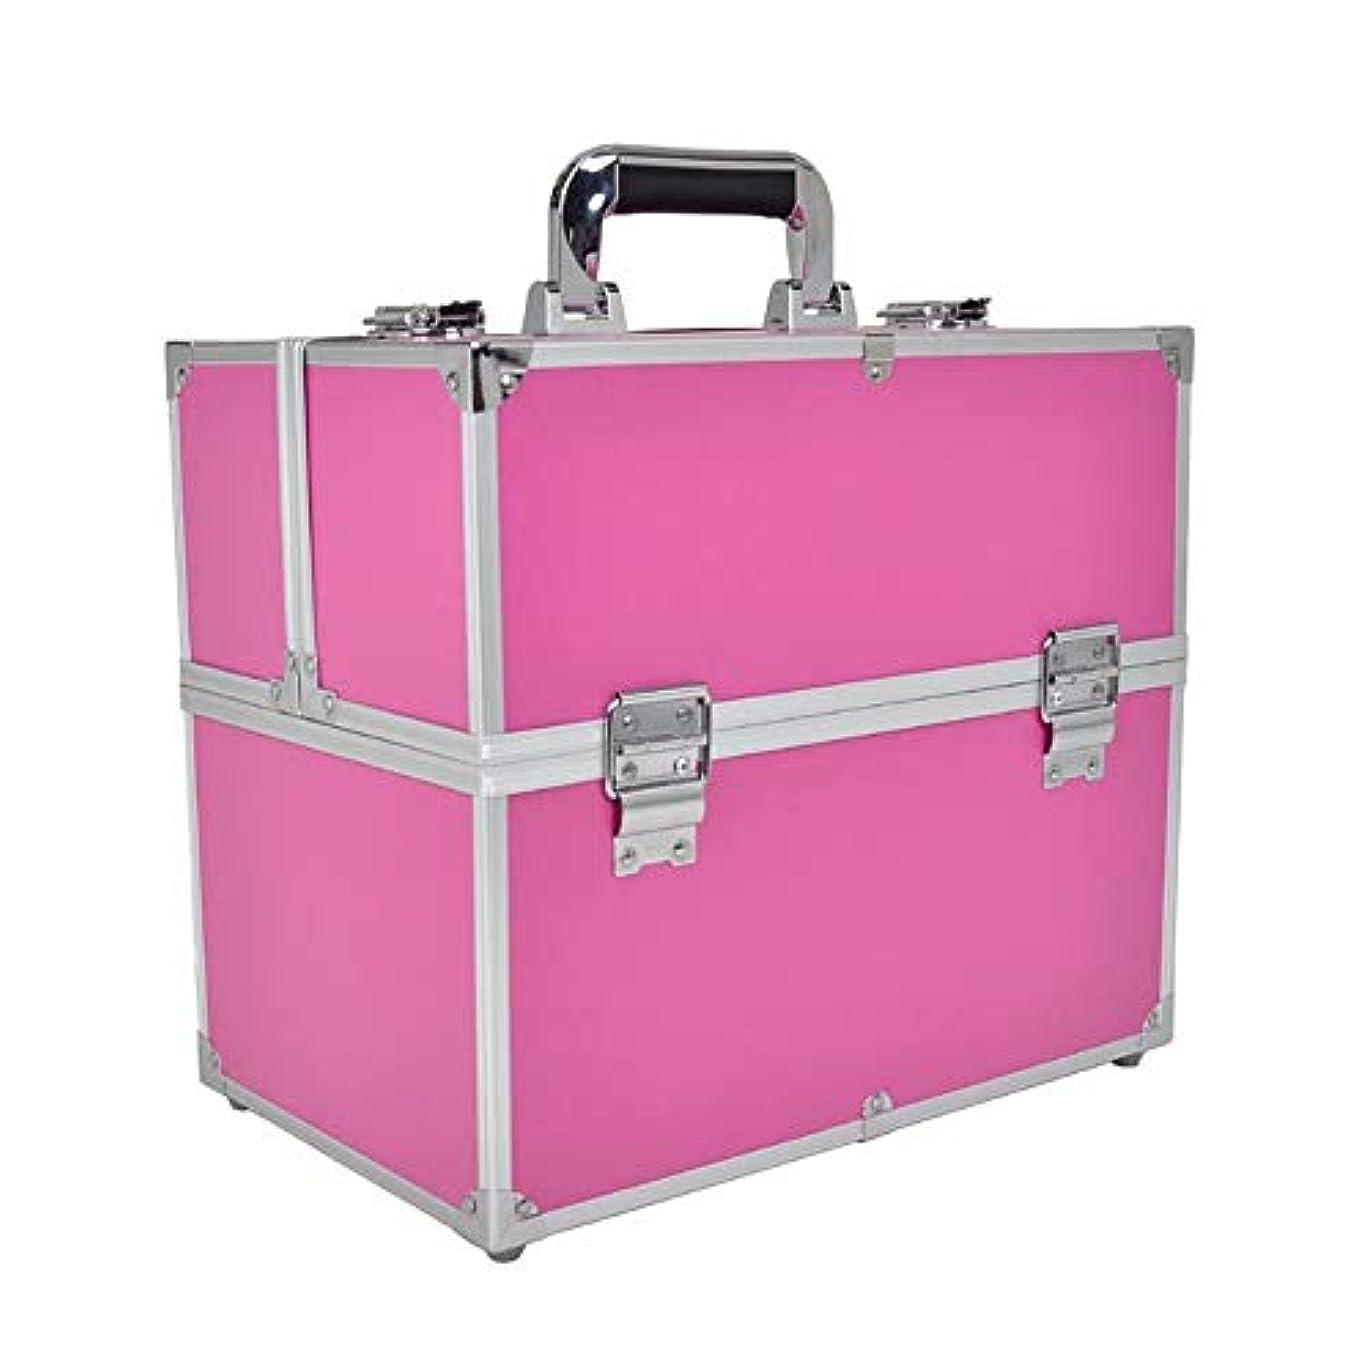 祝福する潜在的なまあ化粧オーガナイザーバッグ 6トレイの小さなものの種類のための旅行のための美容メイクアップのための大容量大容量化粧品ケース 化粧品ケース